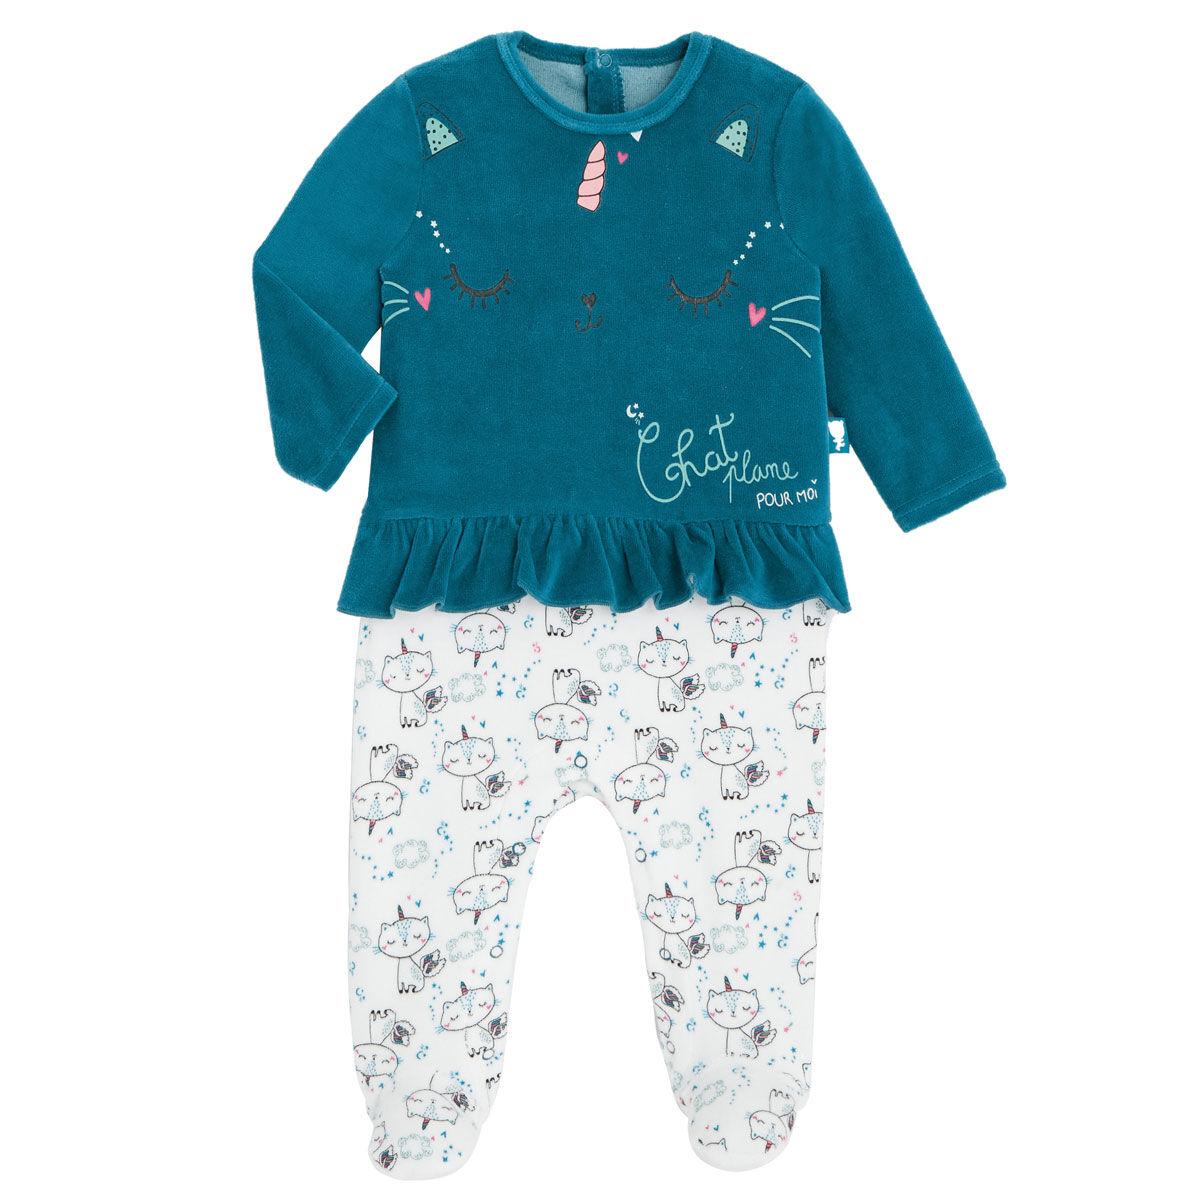 Petit Béguin Pyjama bébé en velours contenant du coton bio Chat Plane - Taille - 9 mois